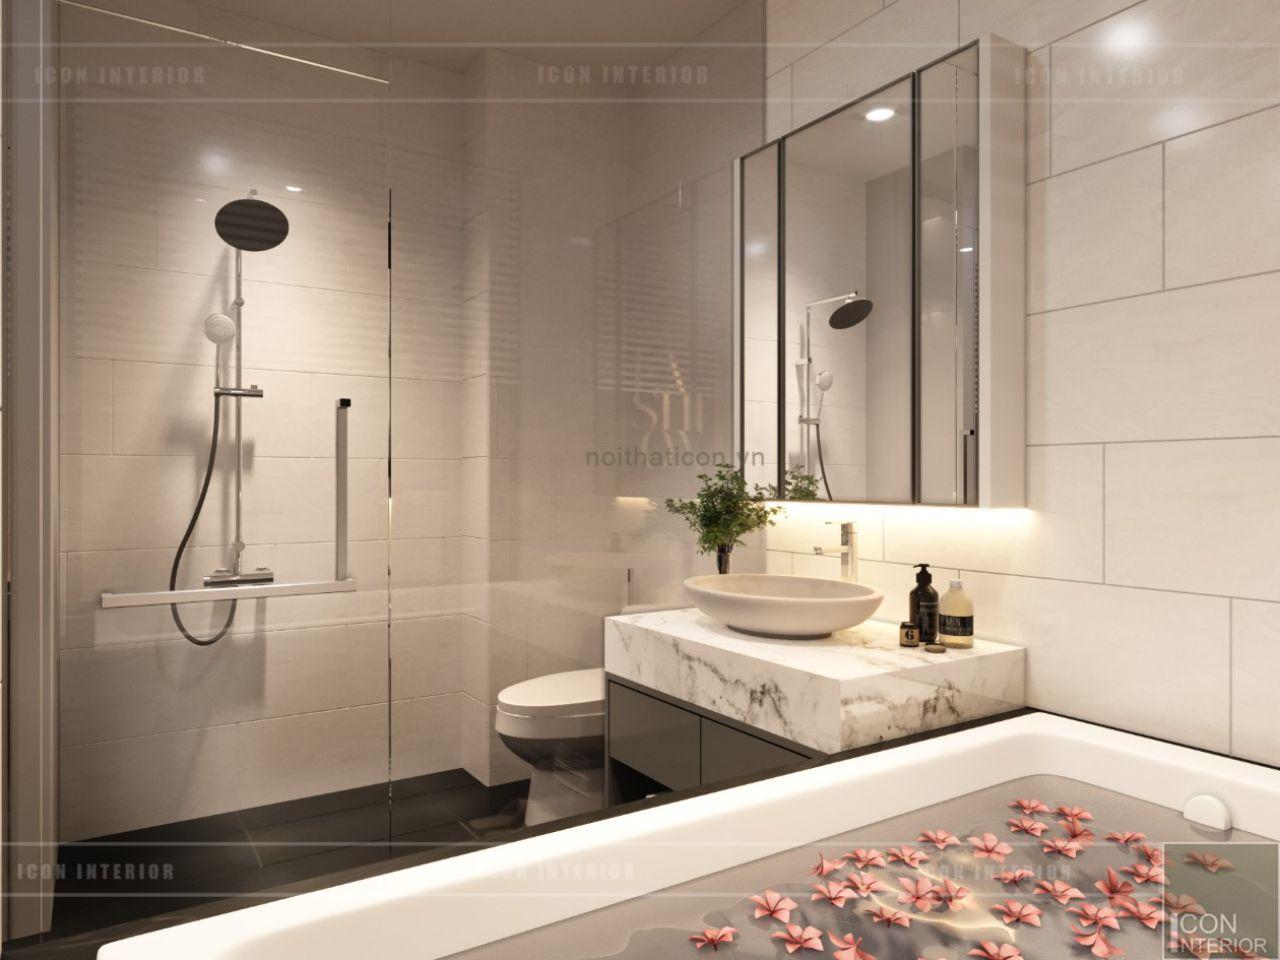 thiết kế bồn tắm nằm